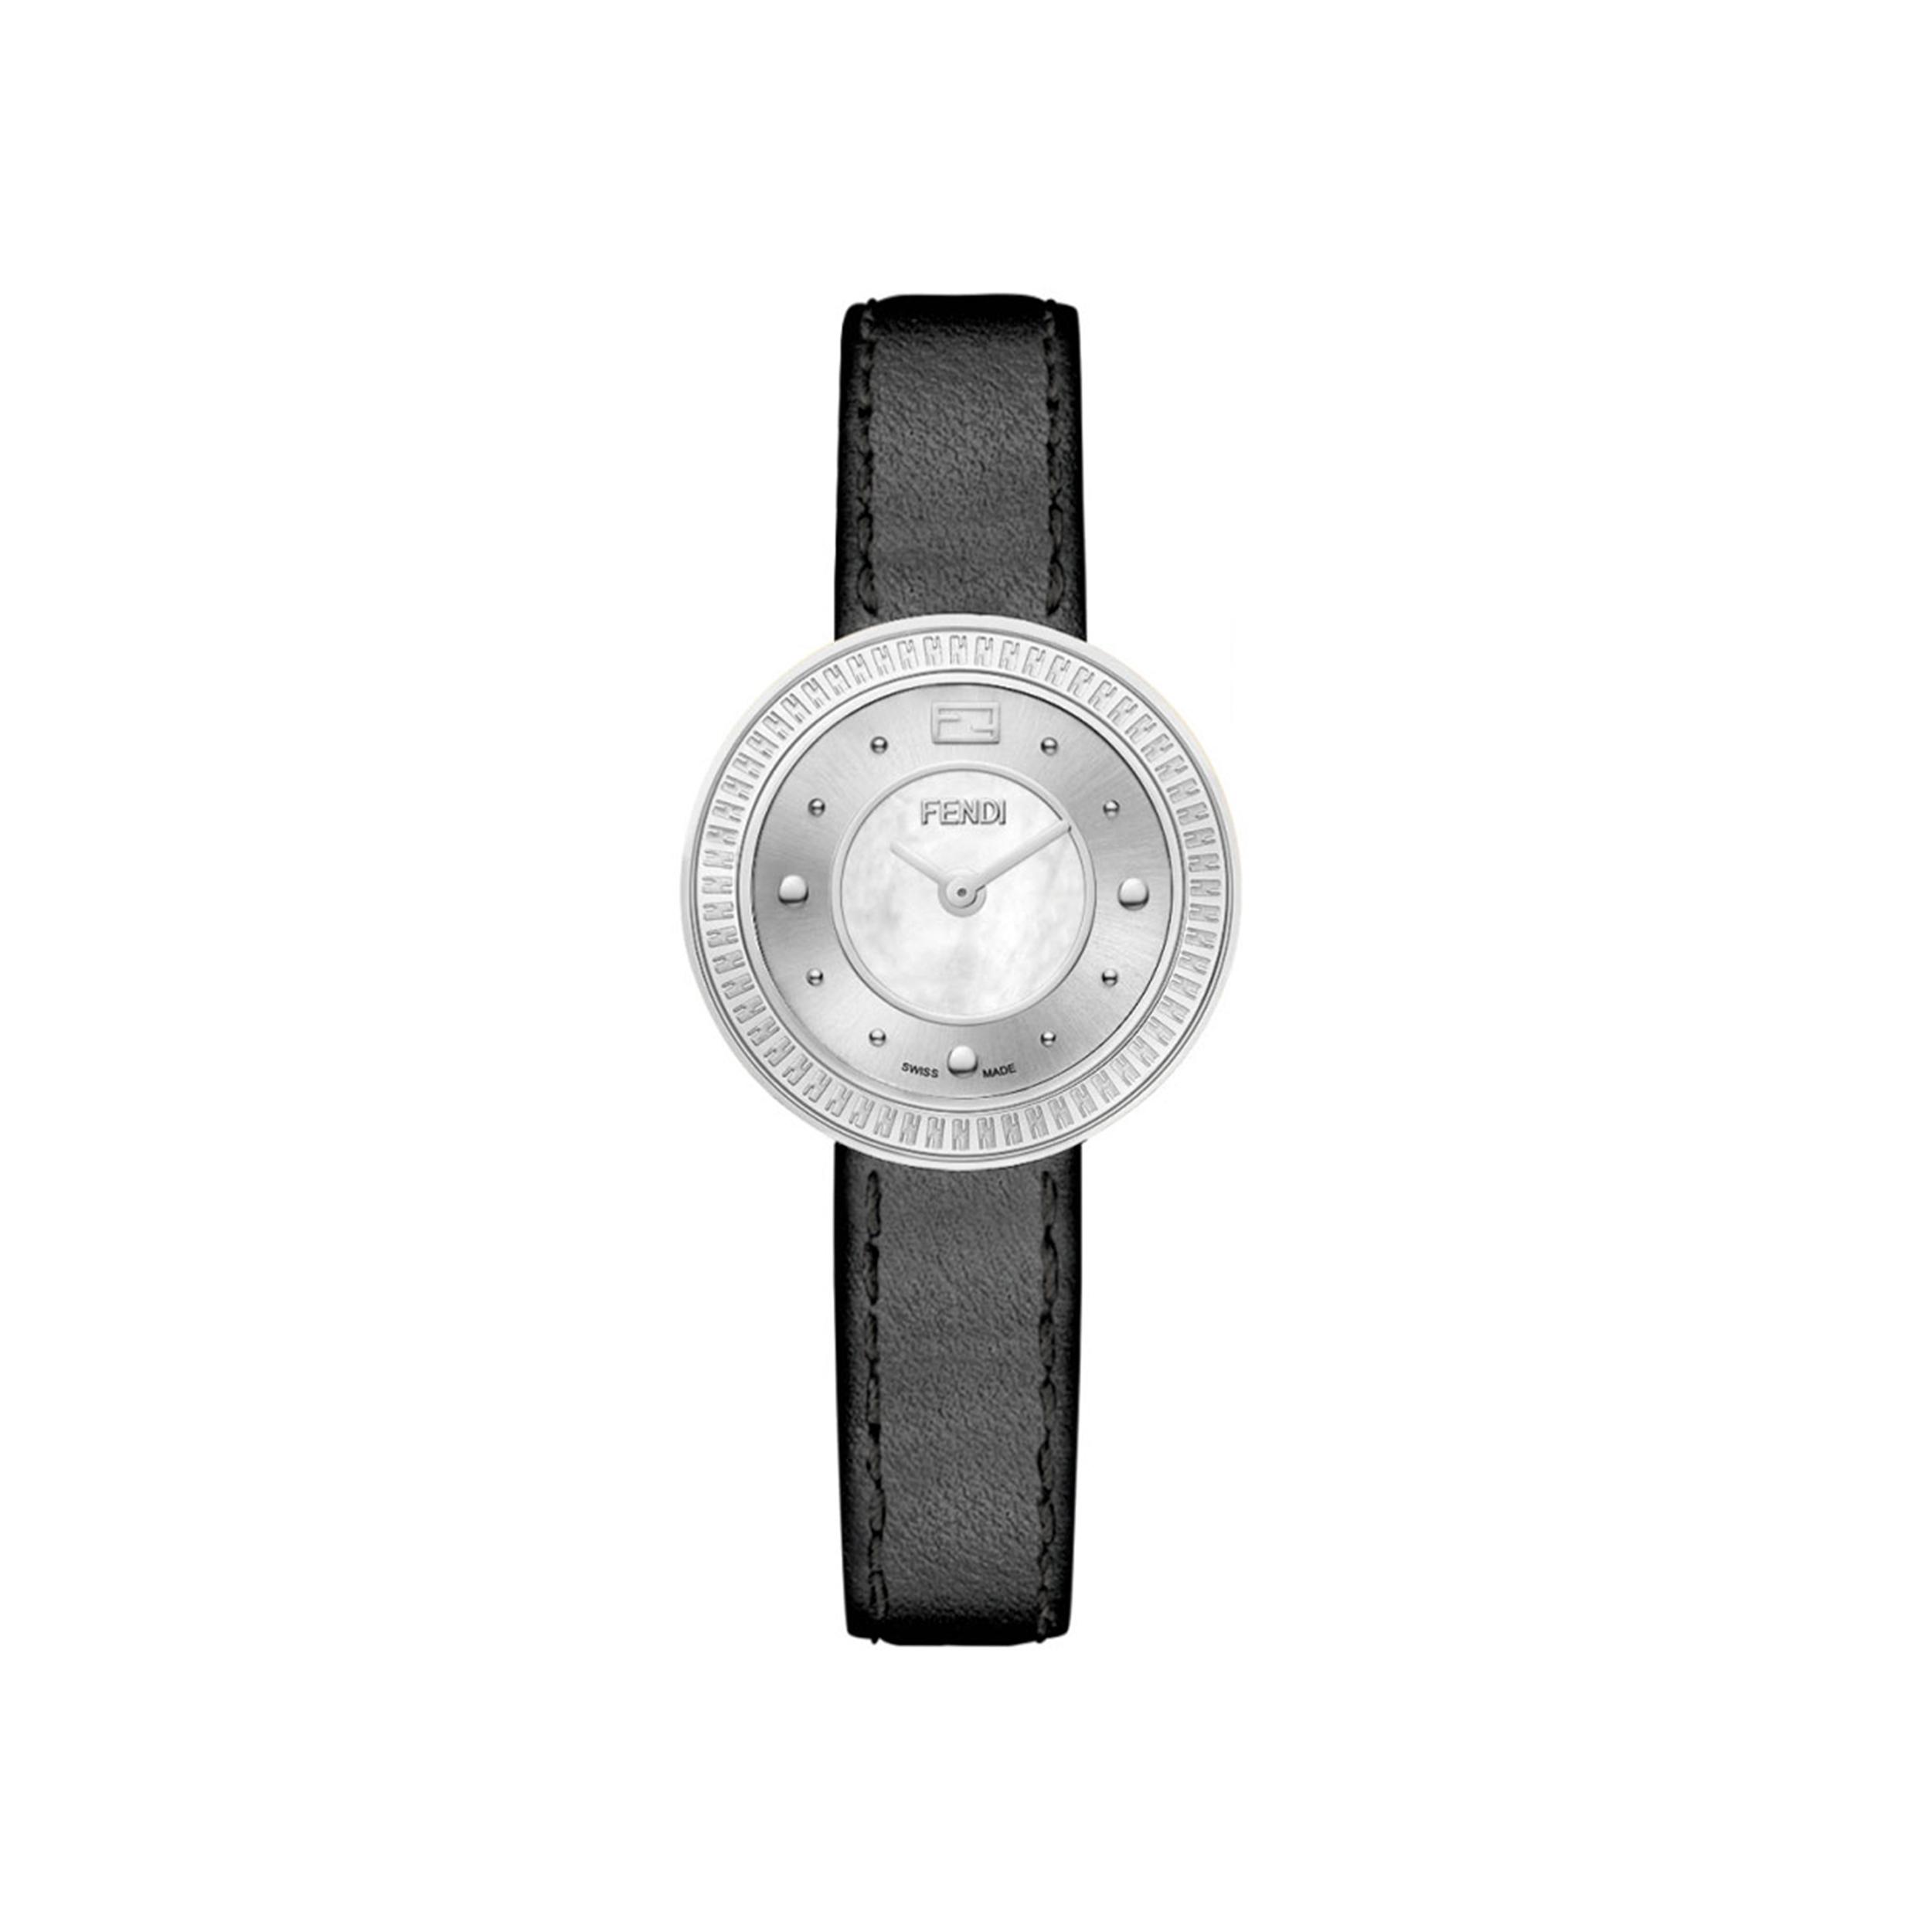 ساعت مچی عقربه ای زنانه فندی مدل F370024511